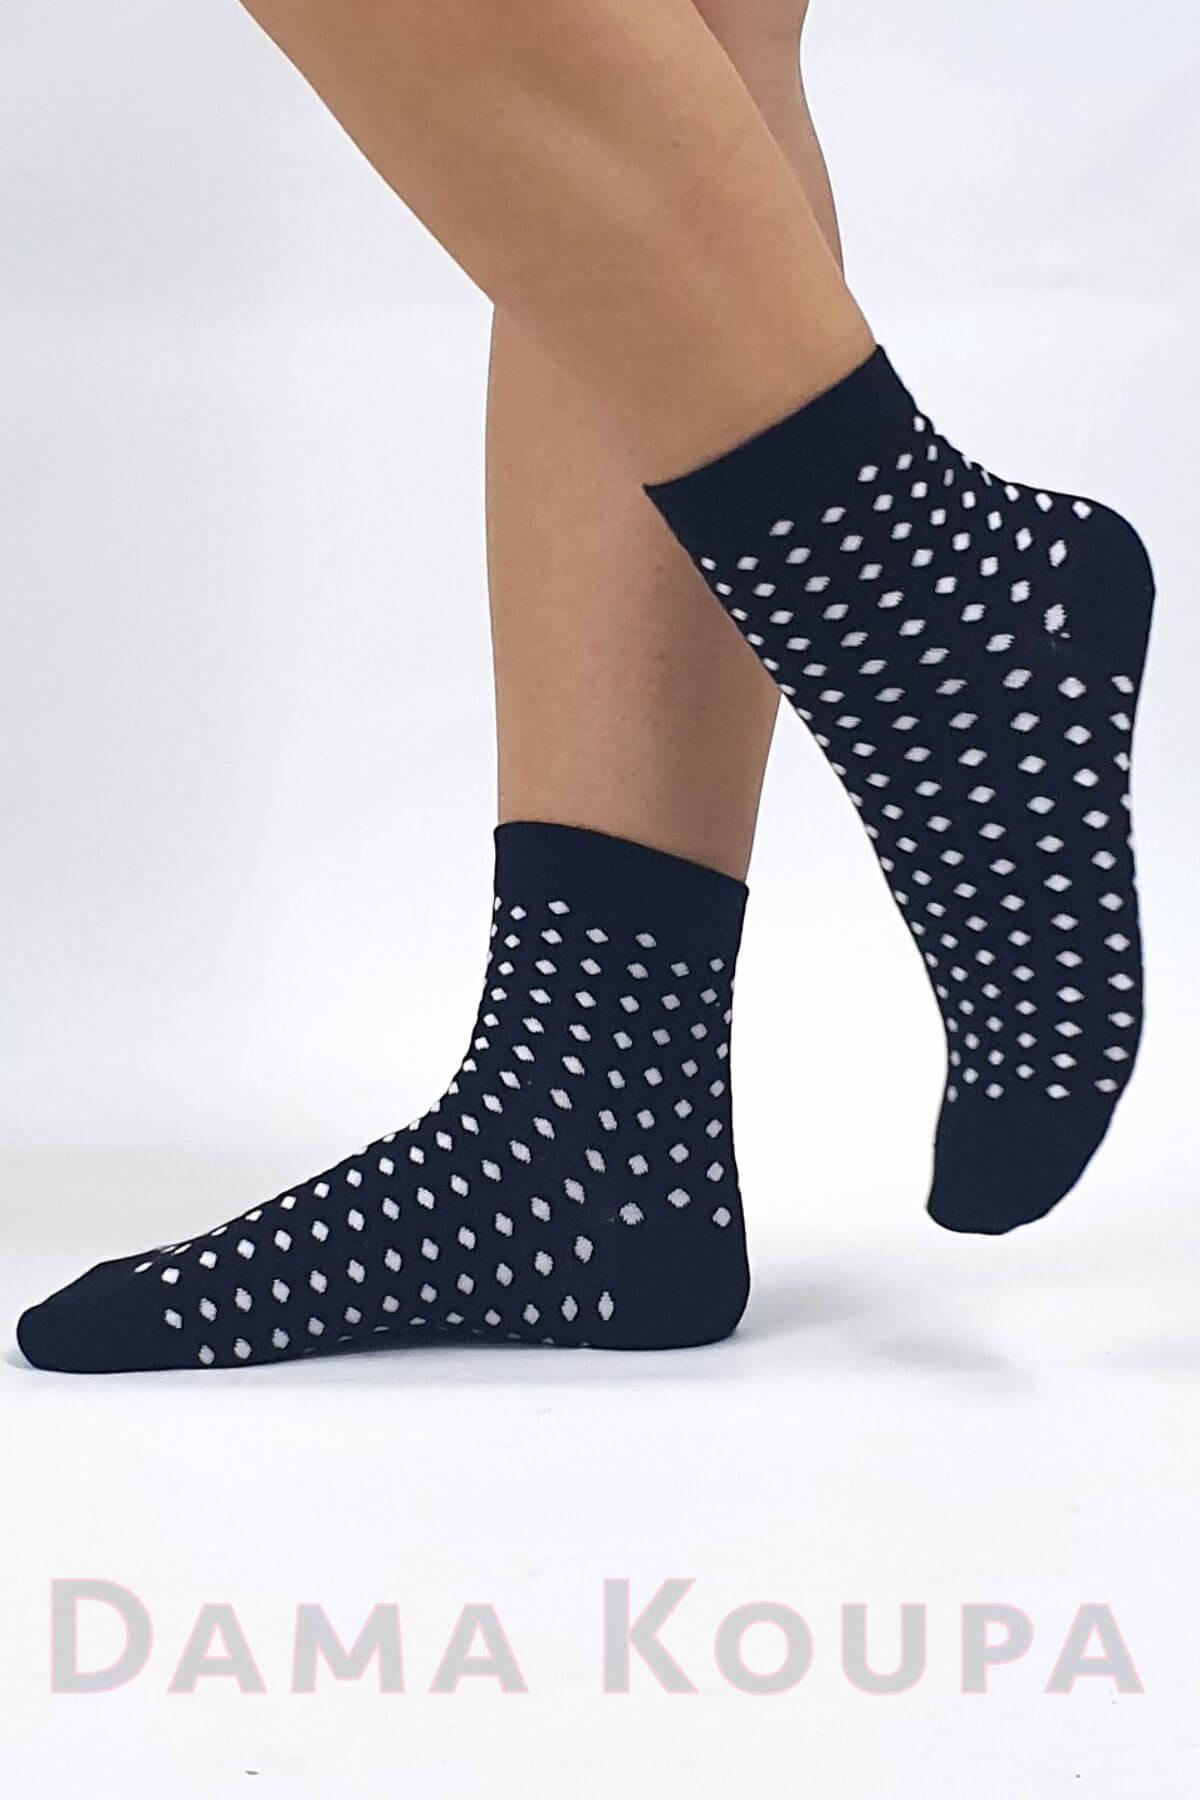 Γυναικείες κάλτσες με σχέδιο